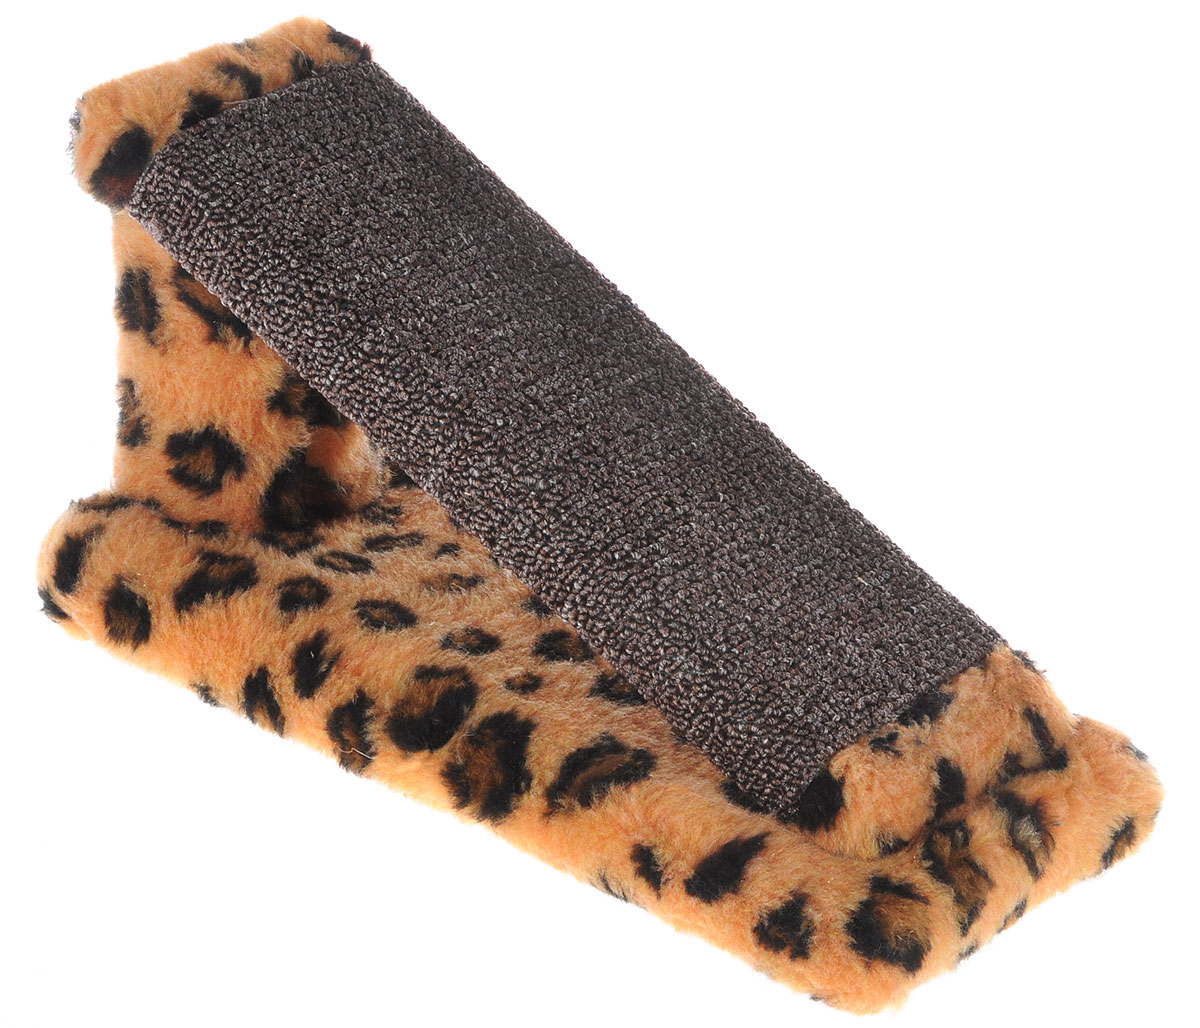 Когтеточка для котят Меридиан Горка, цвет: коричневый, темно-коричневый, черный, 29 х 14 см